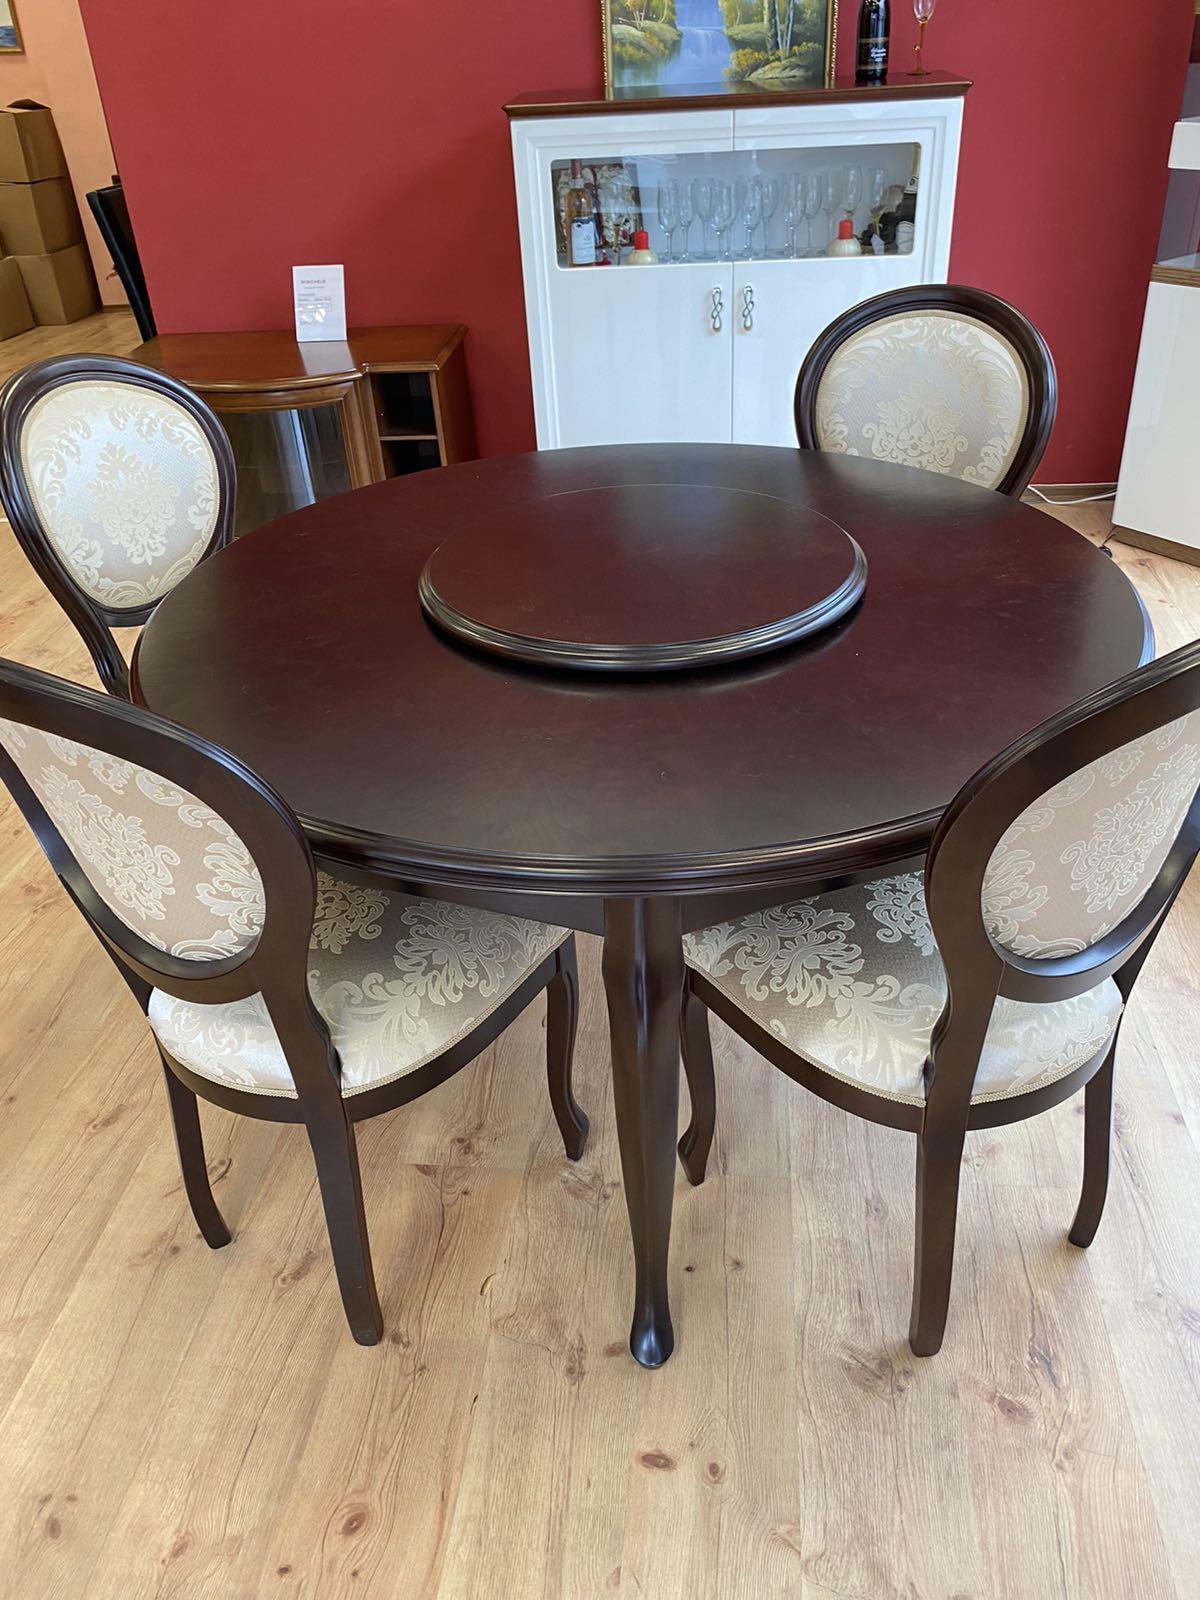 Кръгла маса - арт мебели естествено дърво